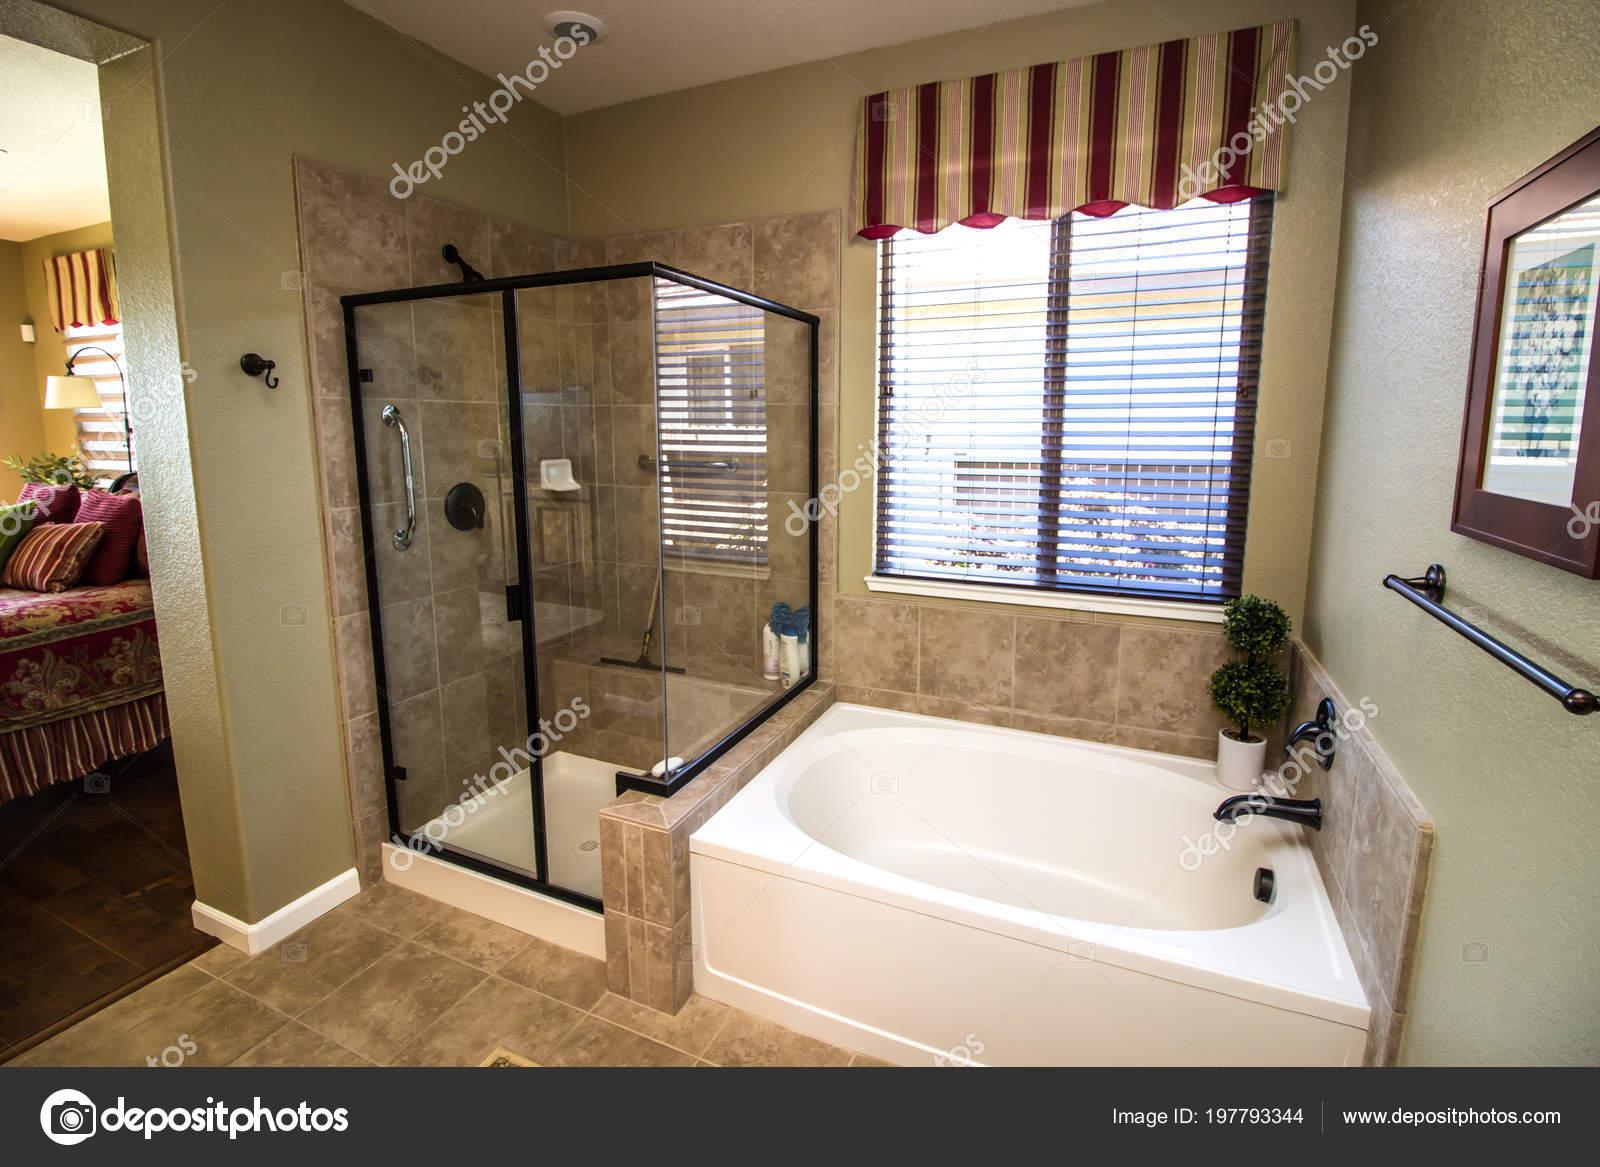 Moderno cuarto ba o con ducha ba era foto de stock for Cuartos de bano modernos con ducha